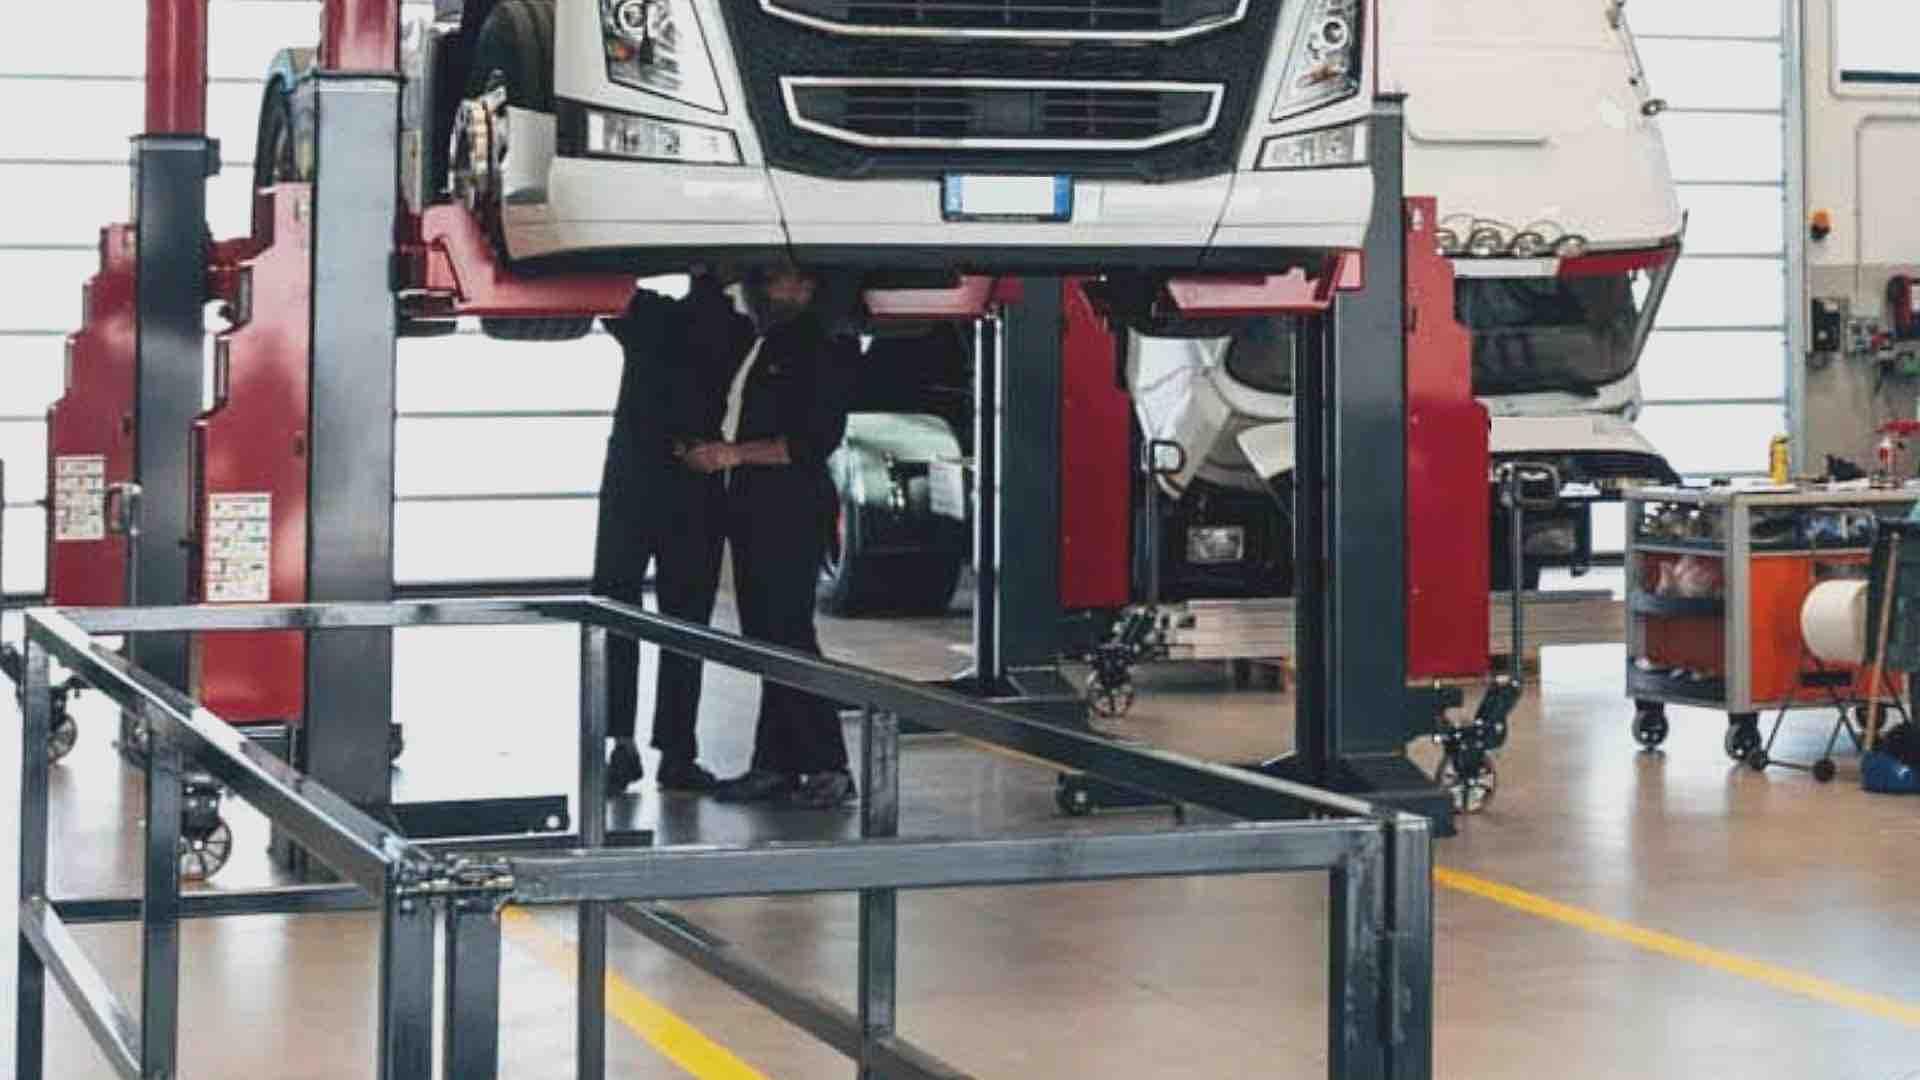 Prenotazione e svolgimento delle revisioni fuori sede dei mezzi pesanti tramite gli Studi di consulenza automobilistica. Nota MIT e Sentenza TAR del Lazio.